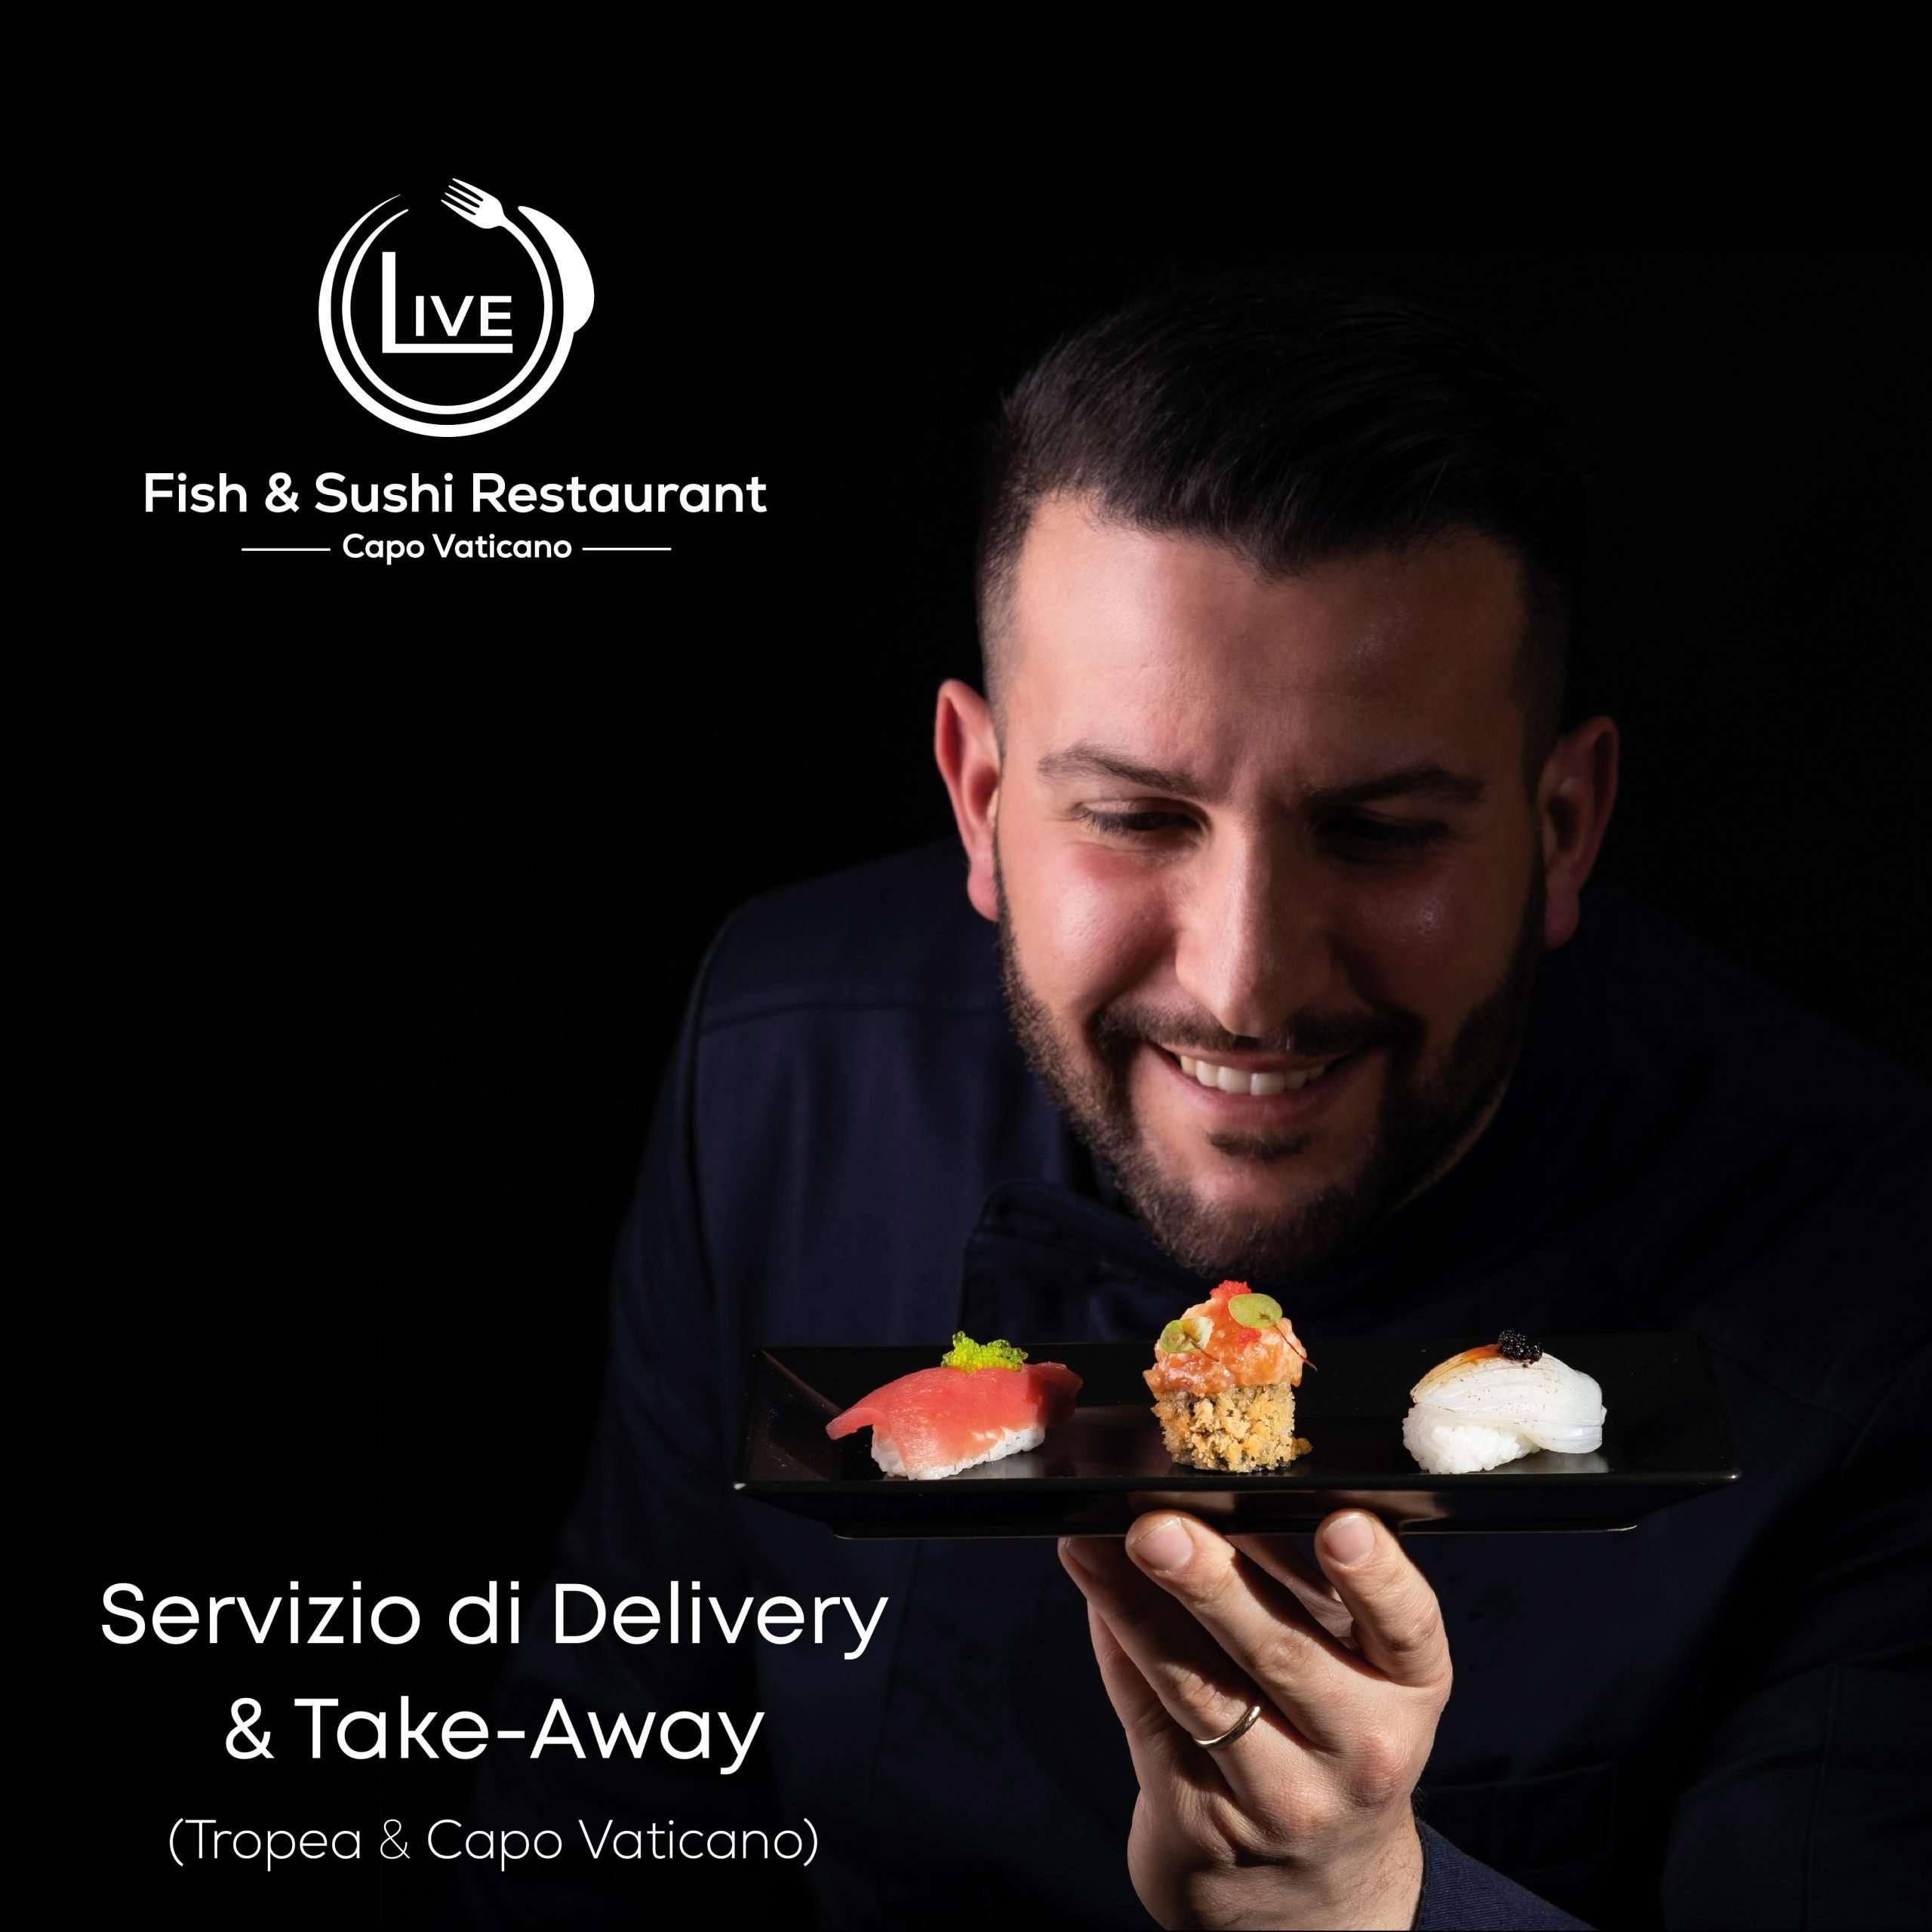 Servizio di Delivery & Take Away attivo su Capo Vaticano e Tropea